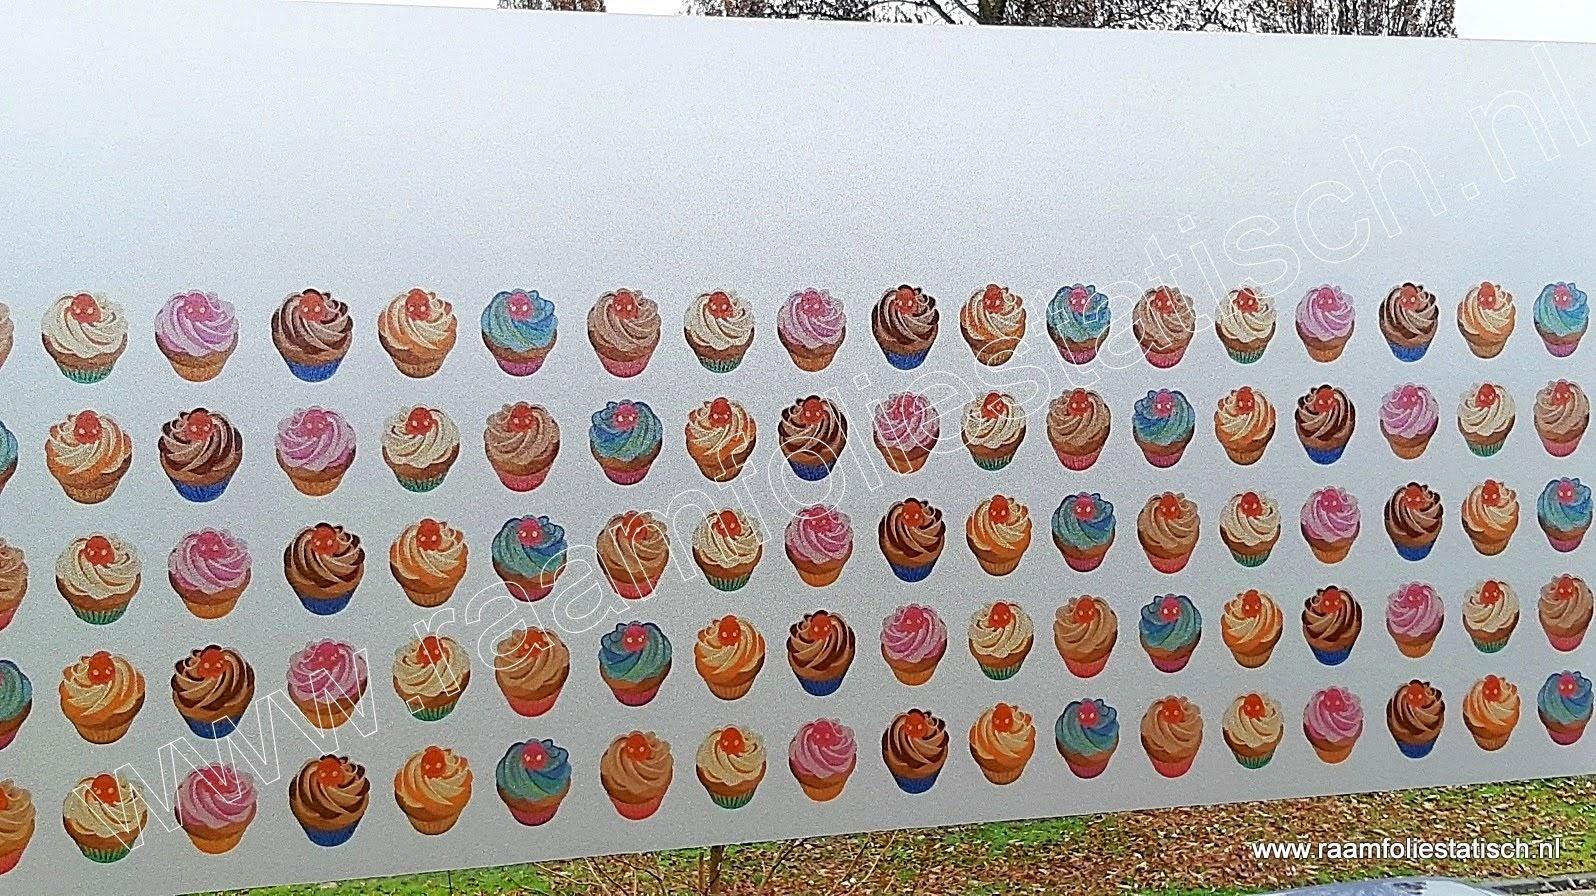 Statische raamfolie cupcakes